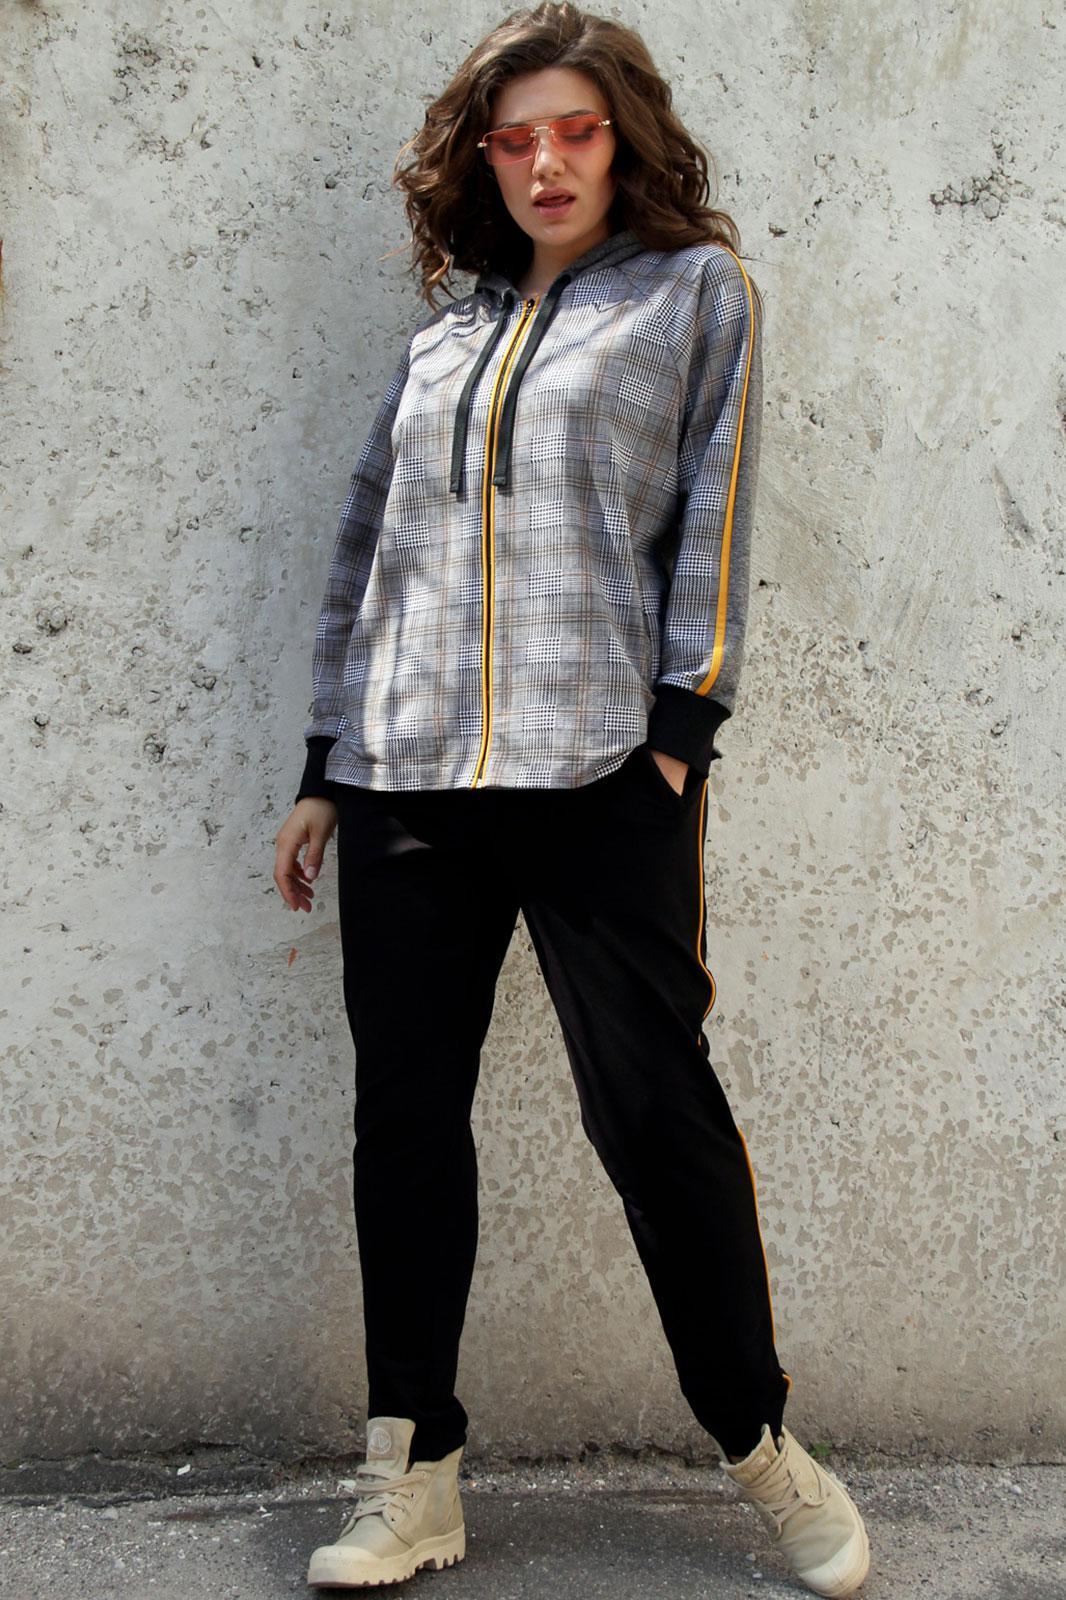 cce07e2d Купить спортивный женский костюм большого размера в Минске